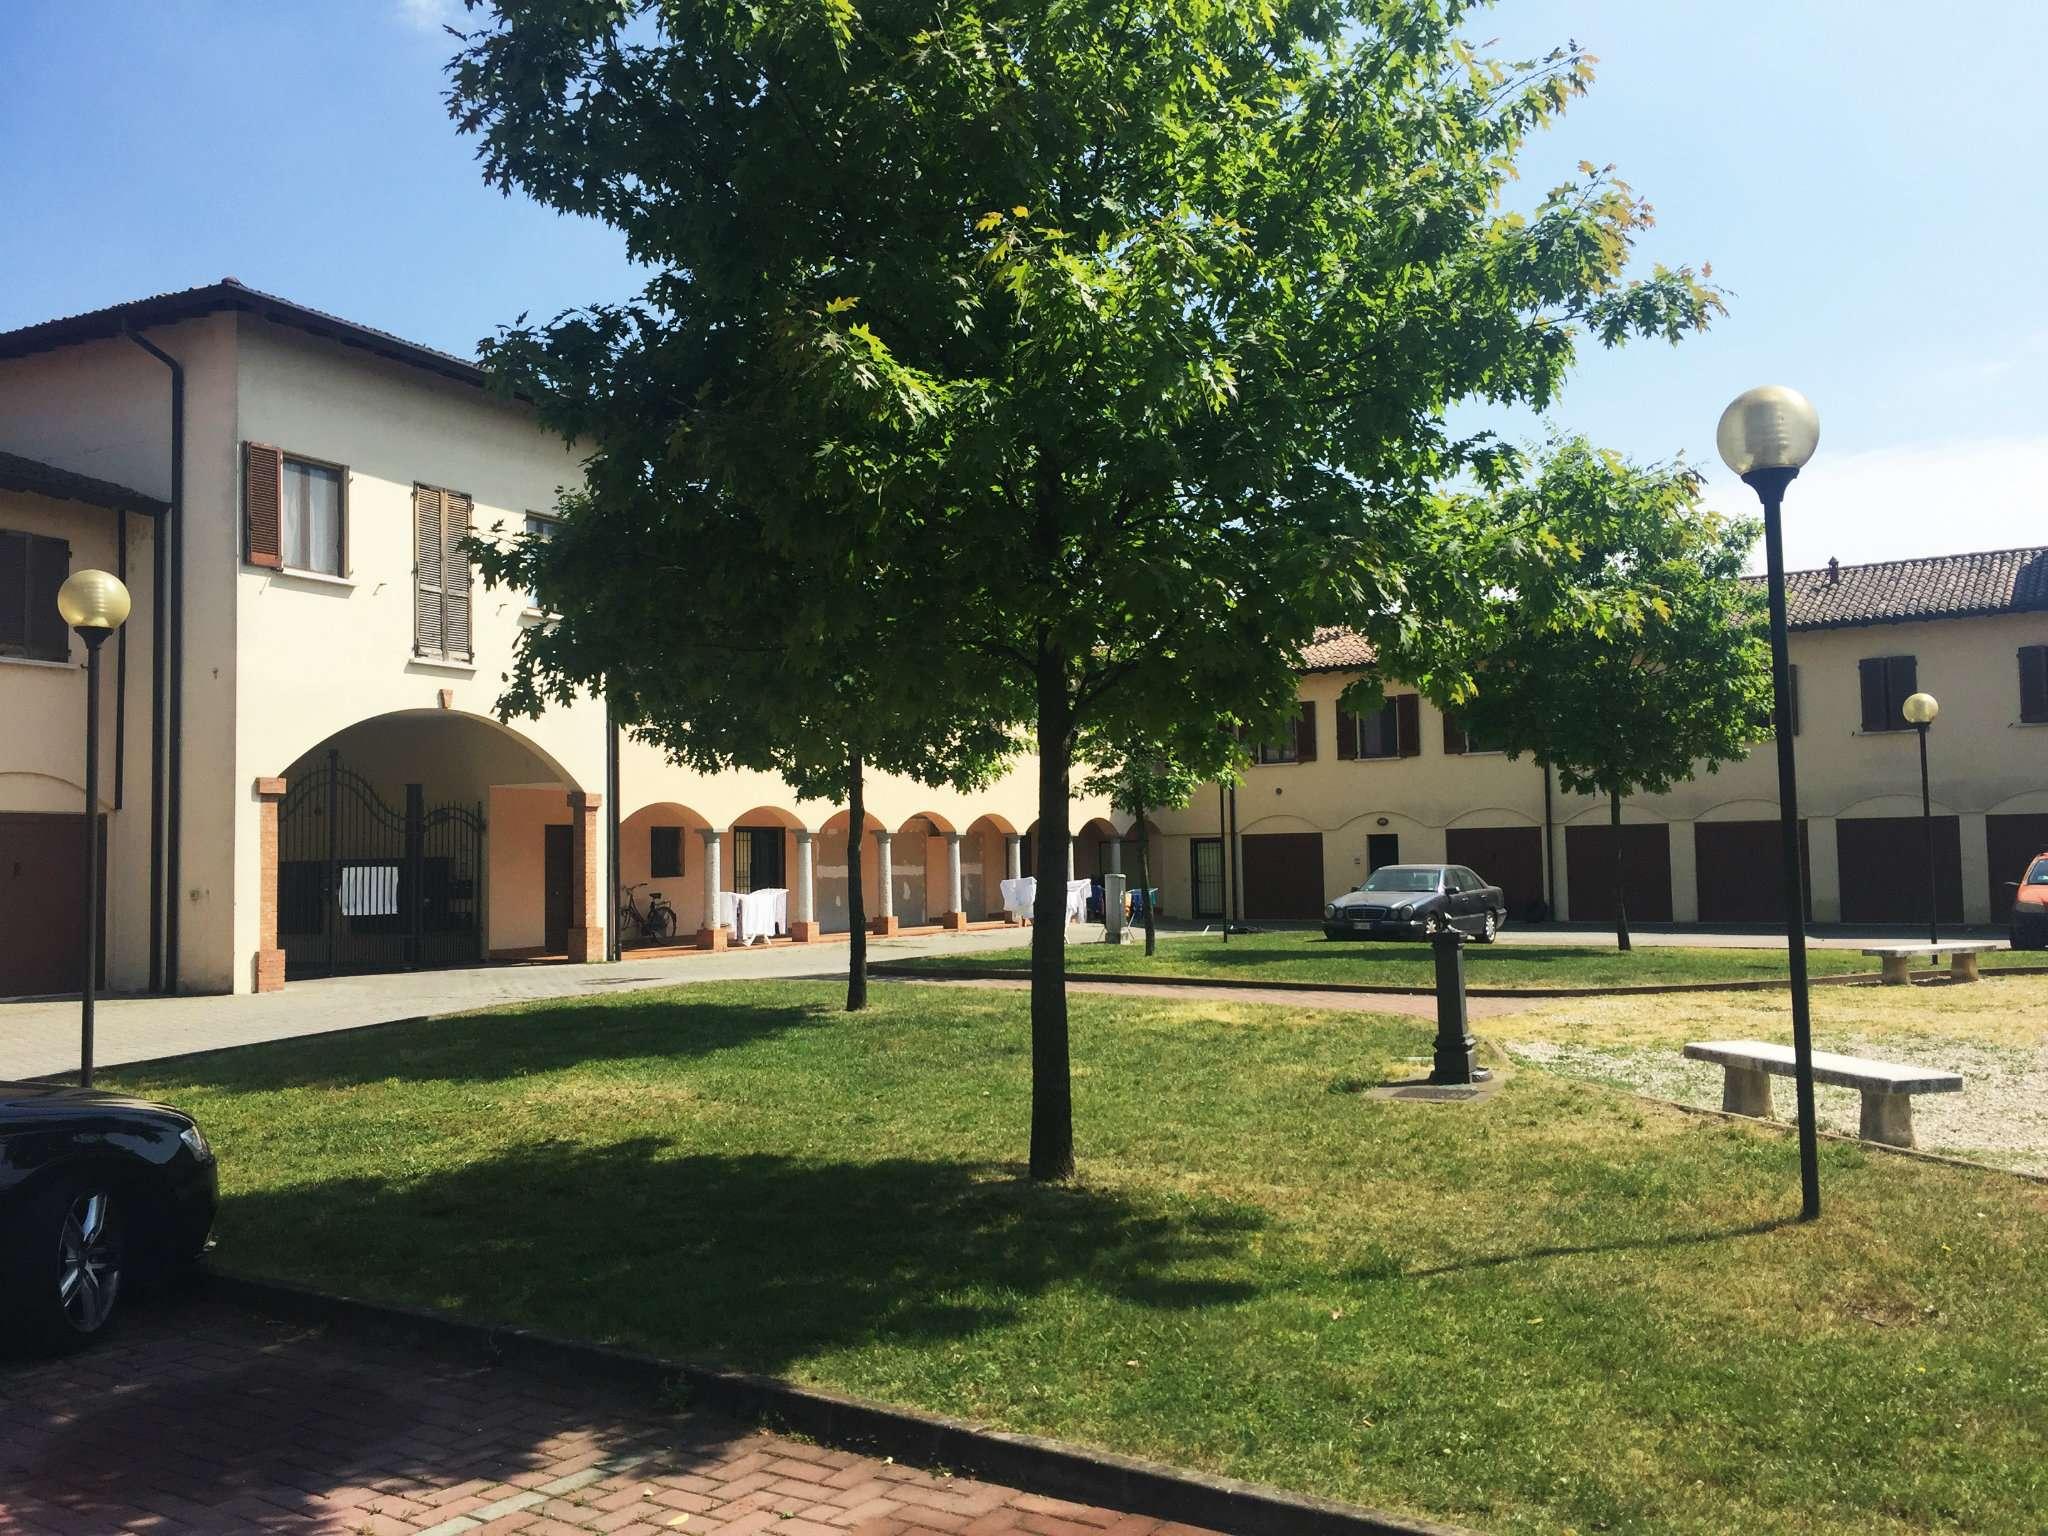 Palazzo / Stabile in vendita a Borgo San Giacomo, 9 locali, Trattative riservate | CambioCasa.it